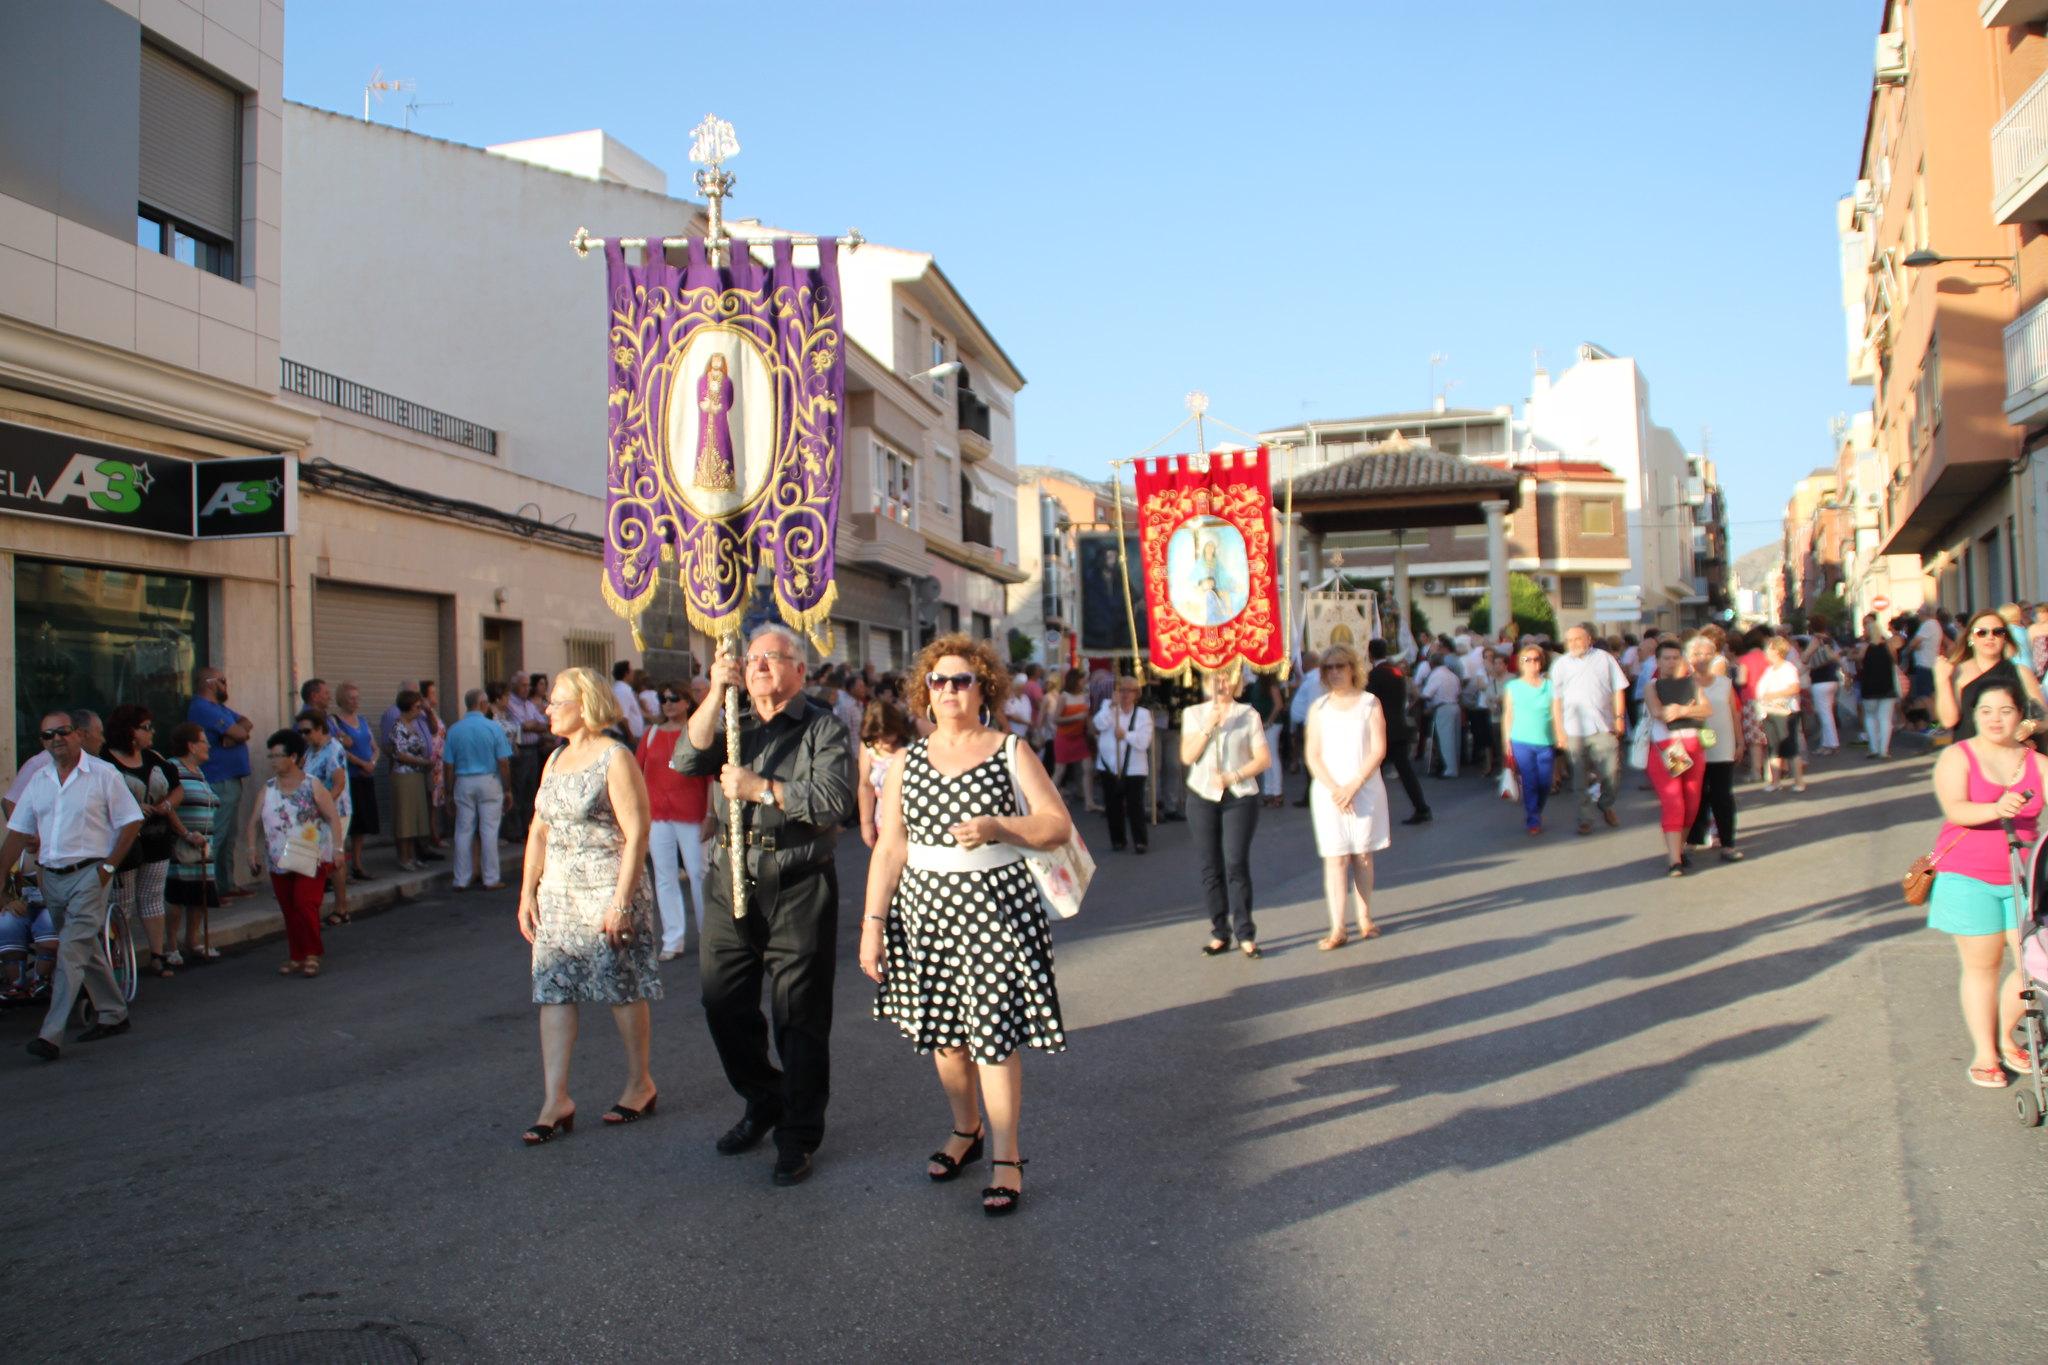 (2015-07-12) - Virgen del Carmen, parroquia La Santa Cruz - Javier Romero Ripoll (131)